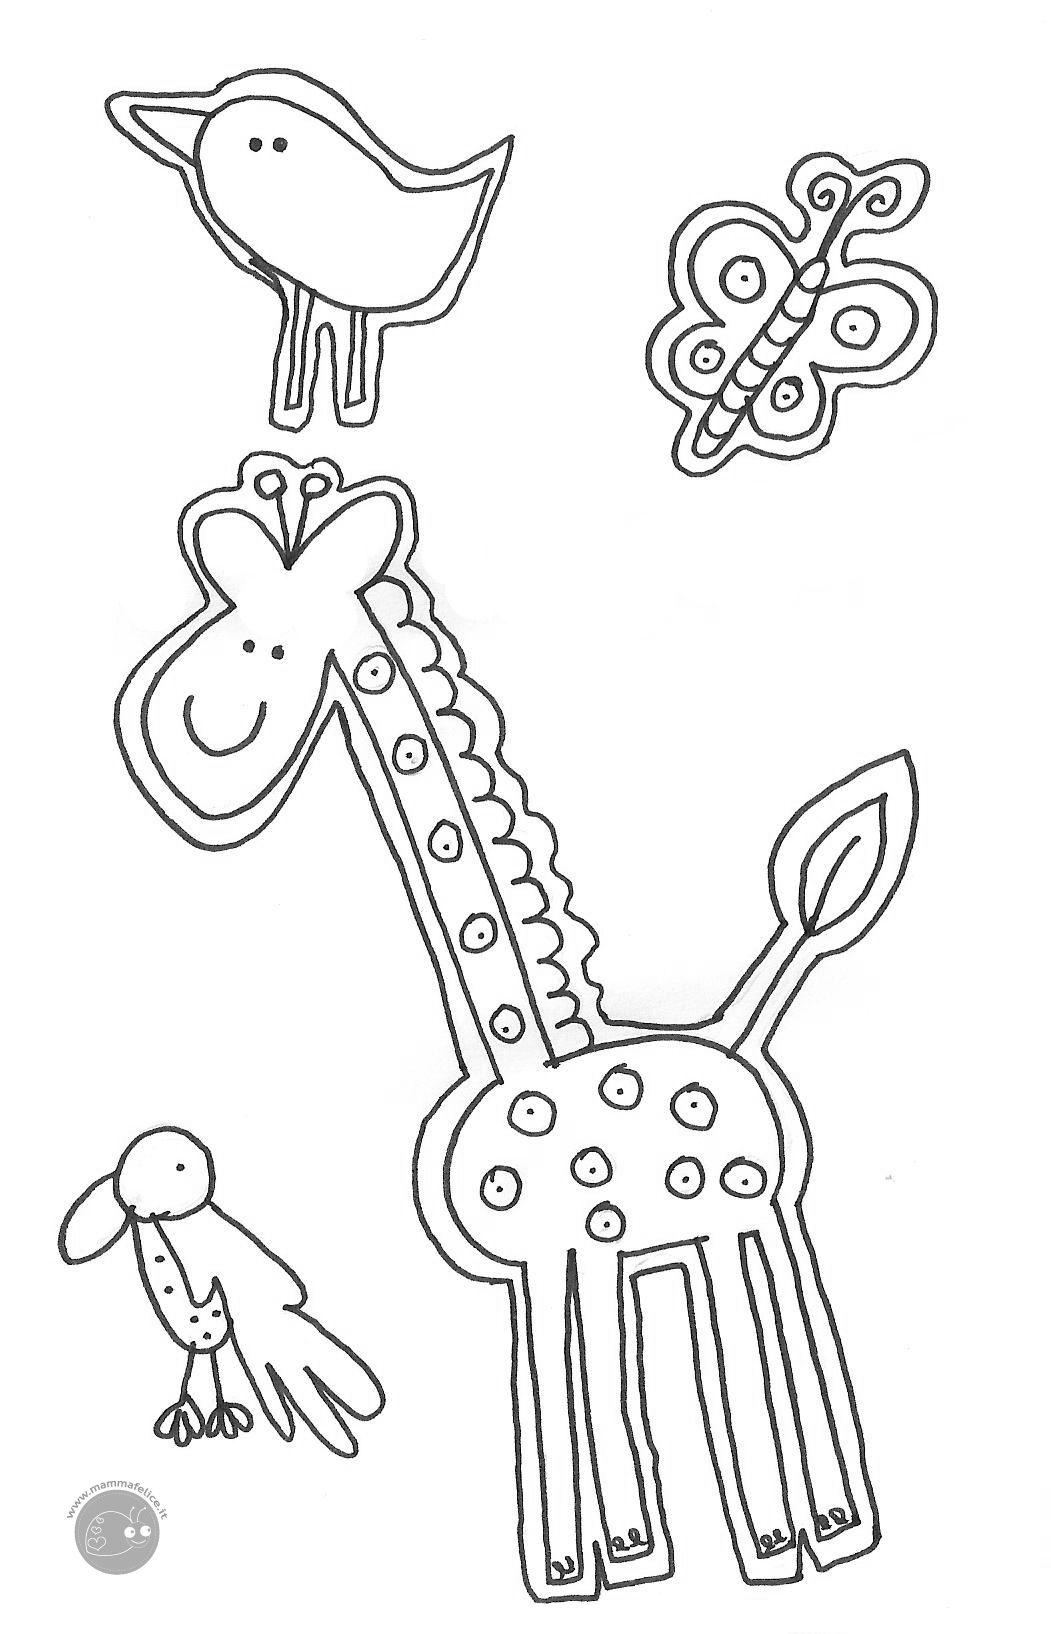 Disegno da colorare gratis bambini animali 1 for Immagini giraffa per bambini